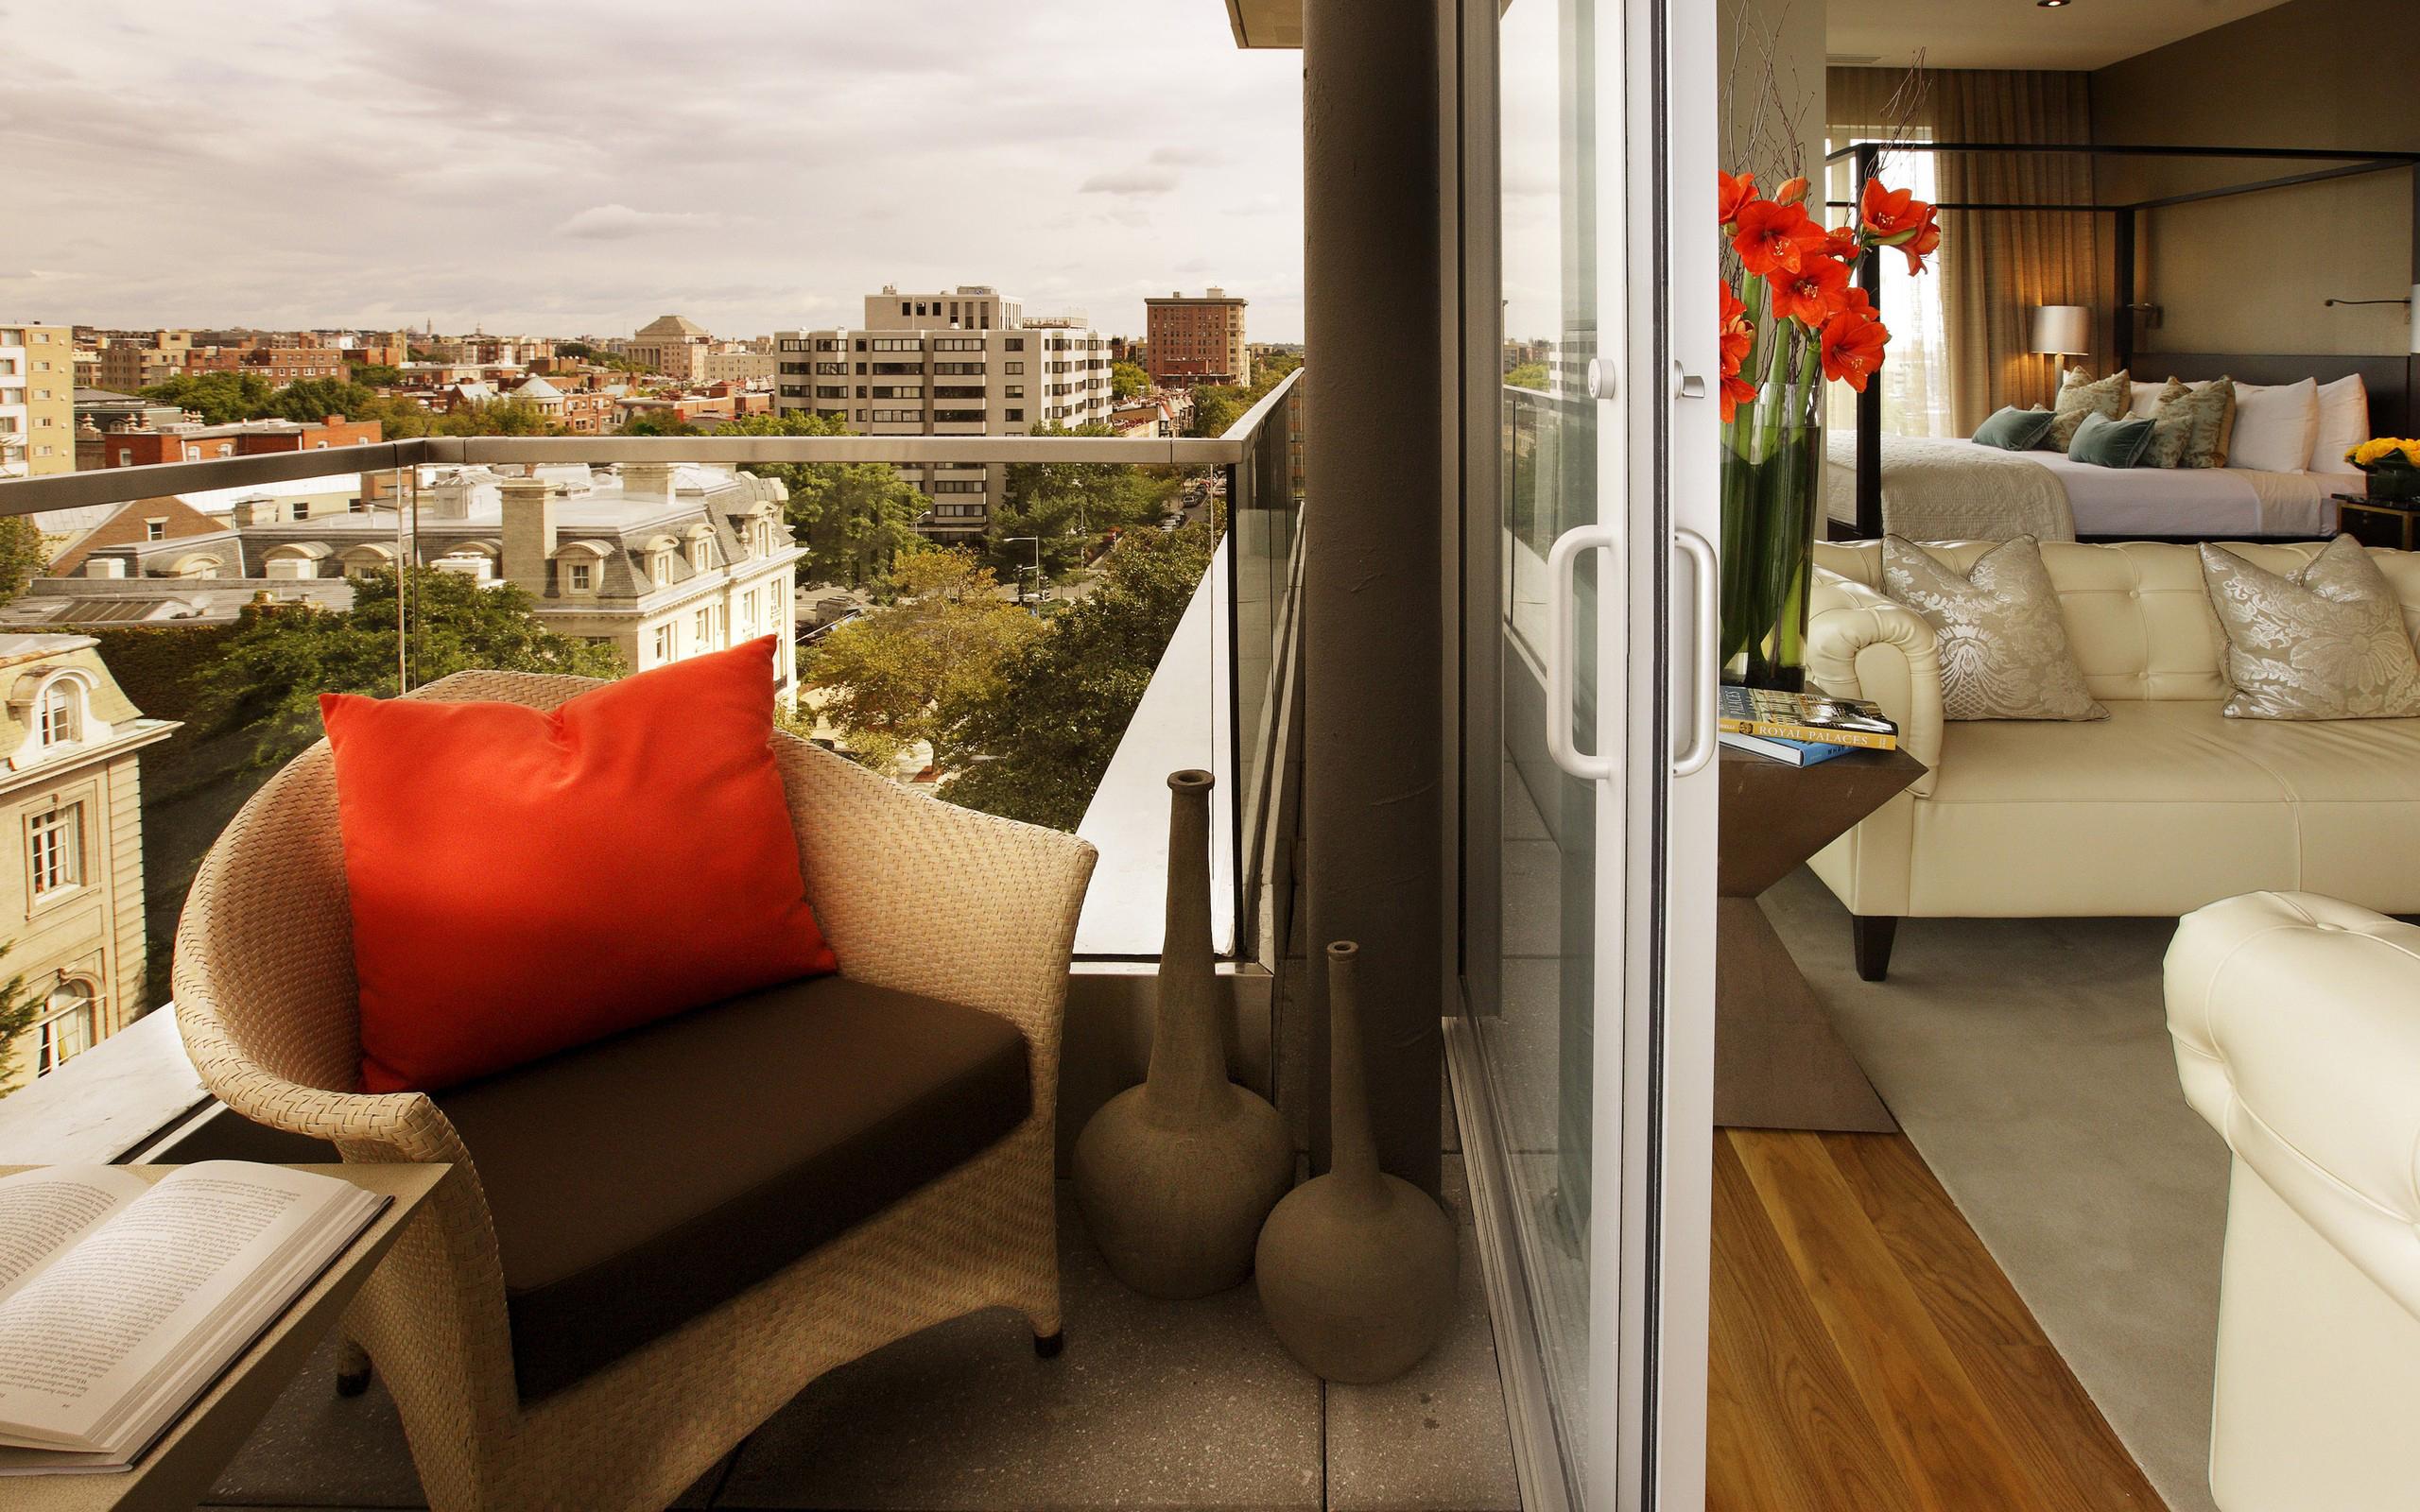 балкон, дом, квартира